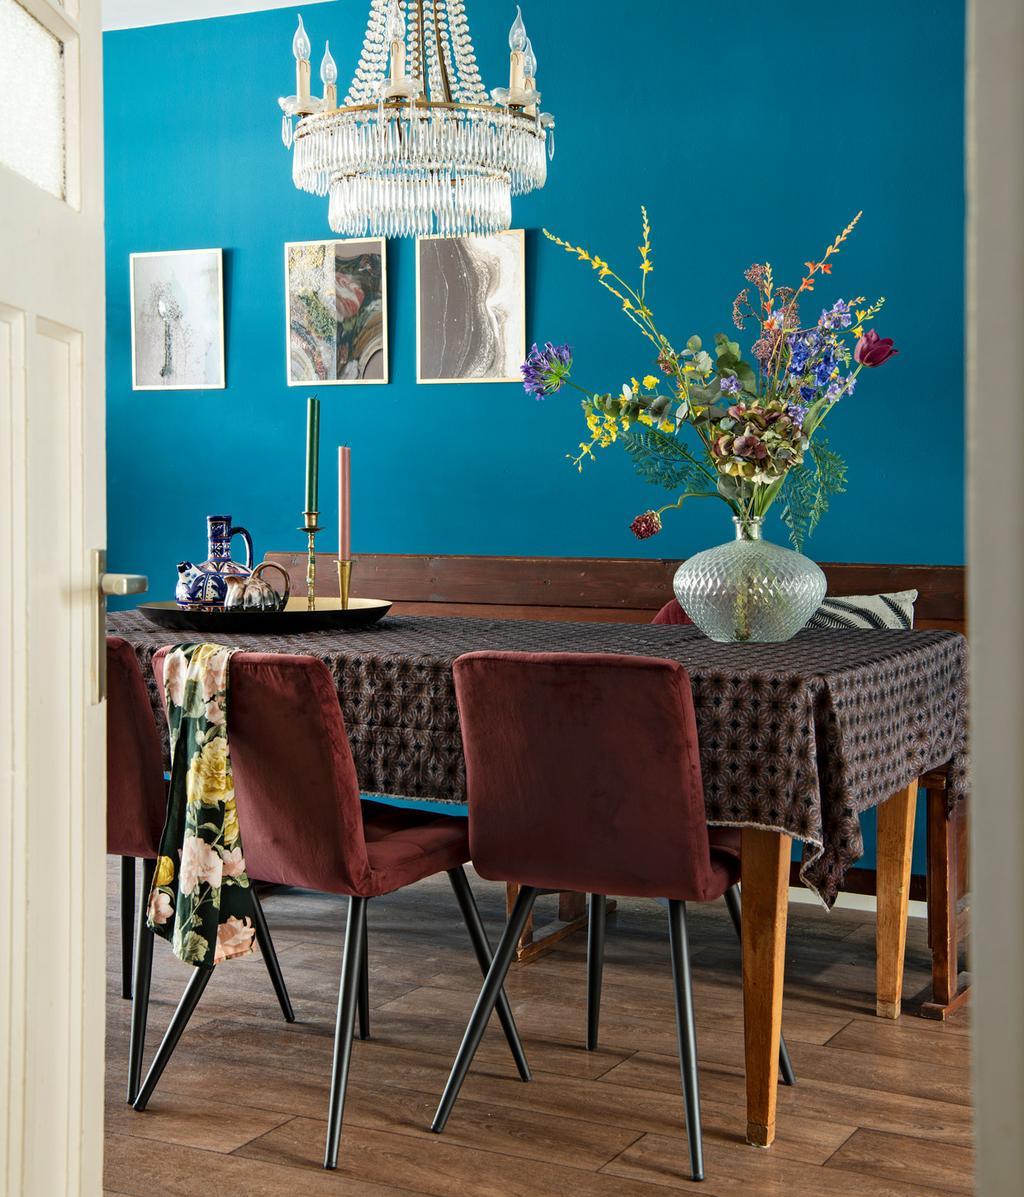 Blauwe muur | Houten eettafel en bank